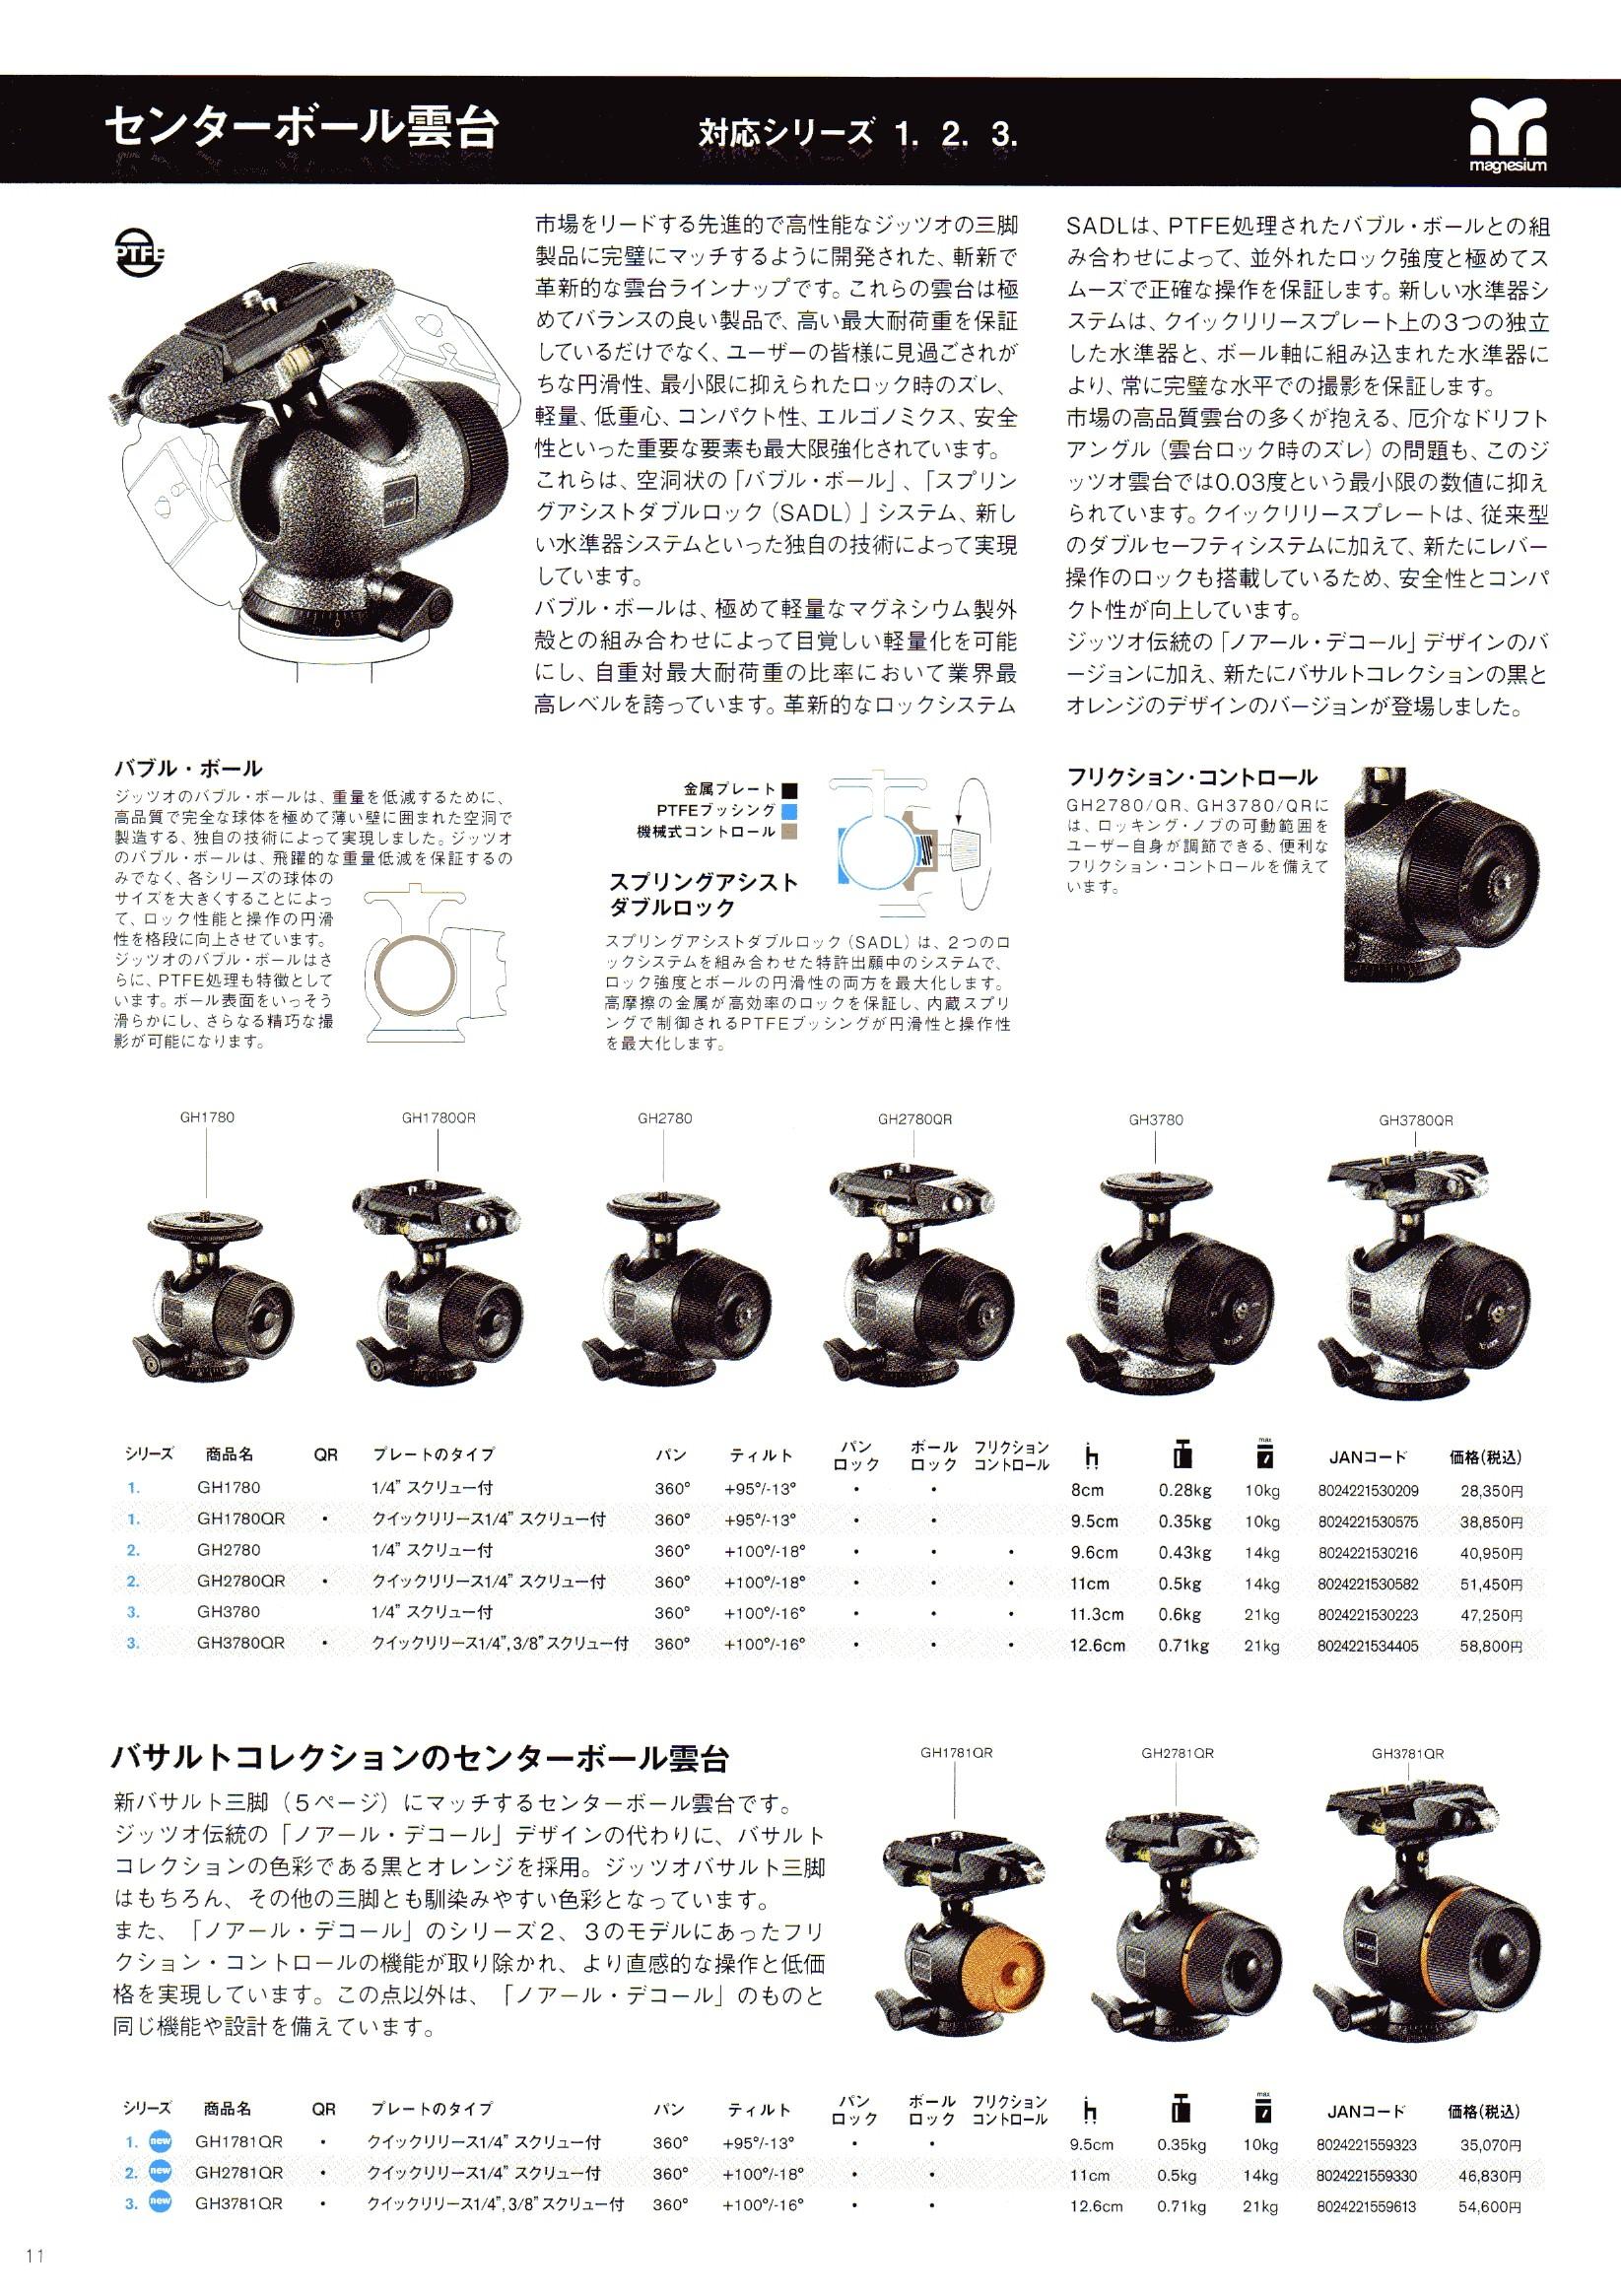 デジタル一眼レフカメラ比較・選び方入門 デジ一.com GITZO(ジッツオ/ジッツォ)最新カタログ P011(センターボール雲台)